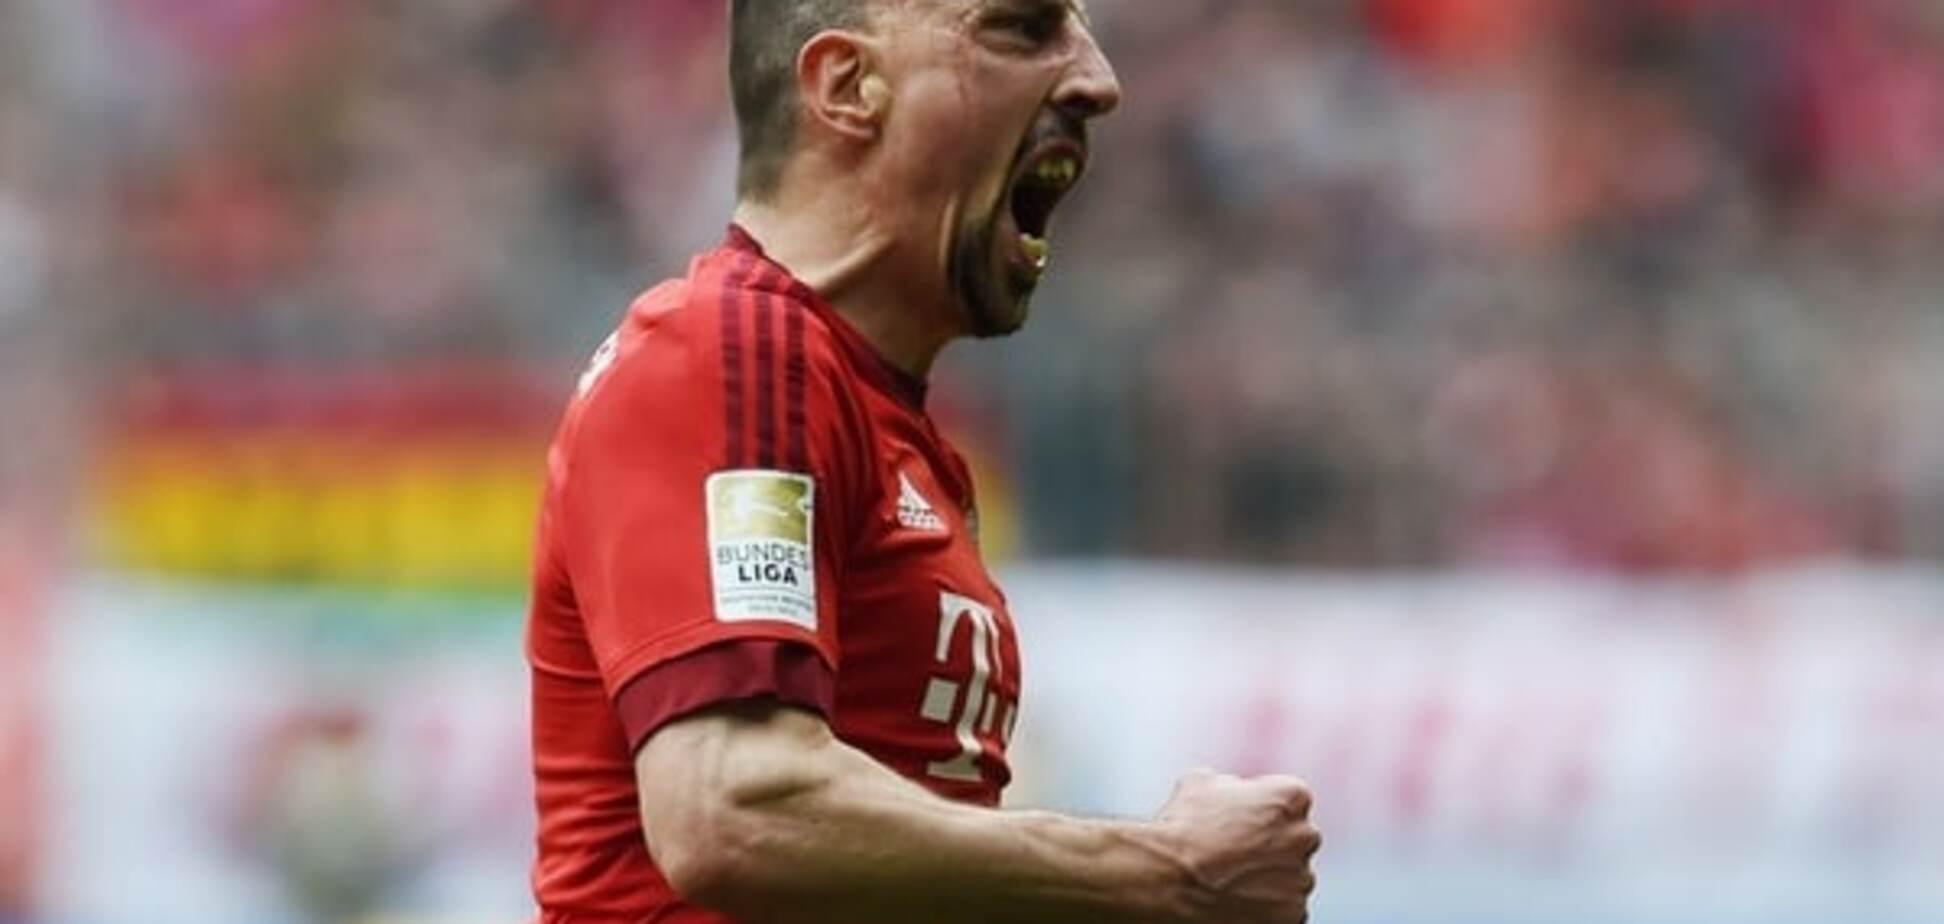 Знаменитий футболіст 'Баварії' забив геніальний гол бісіклетою: відео шедевра